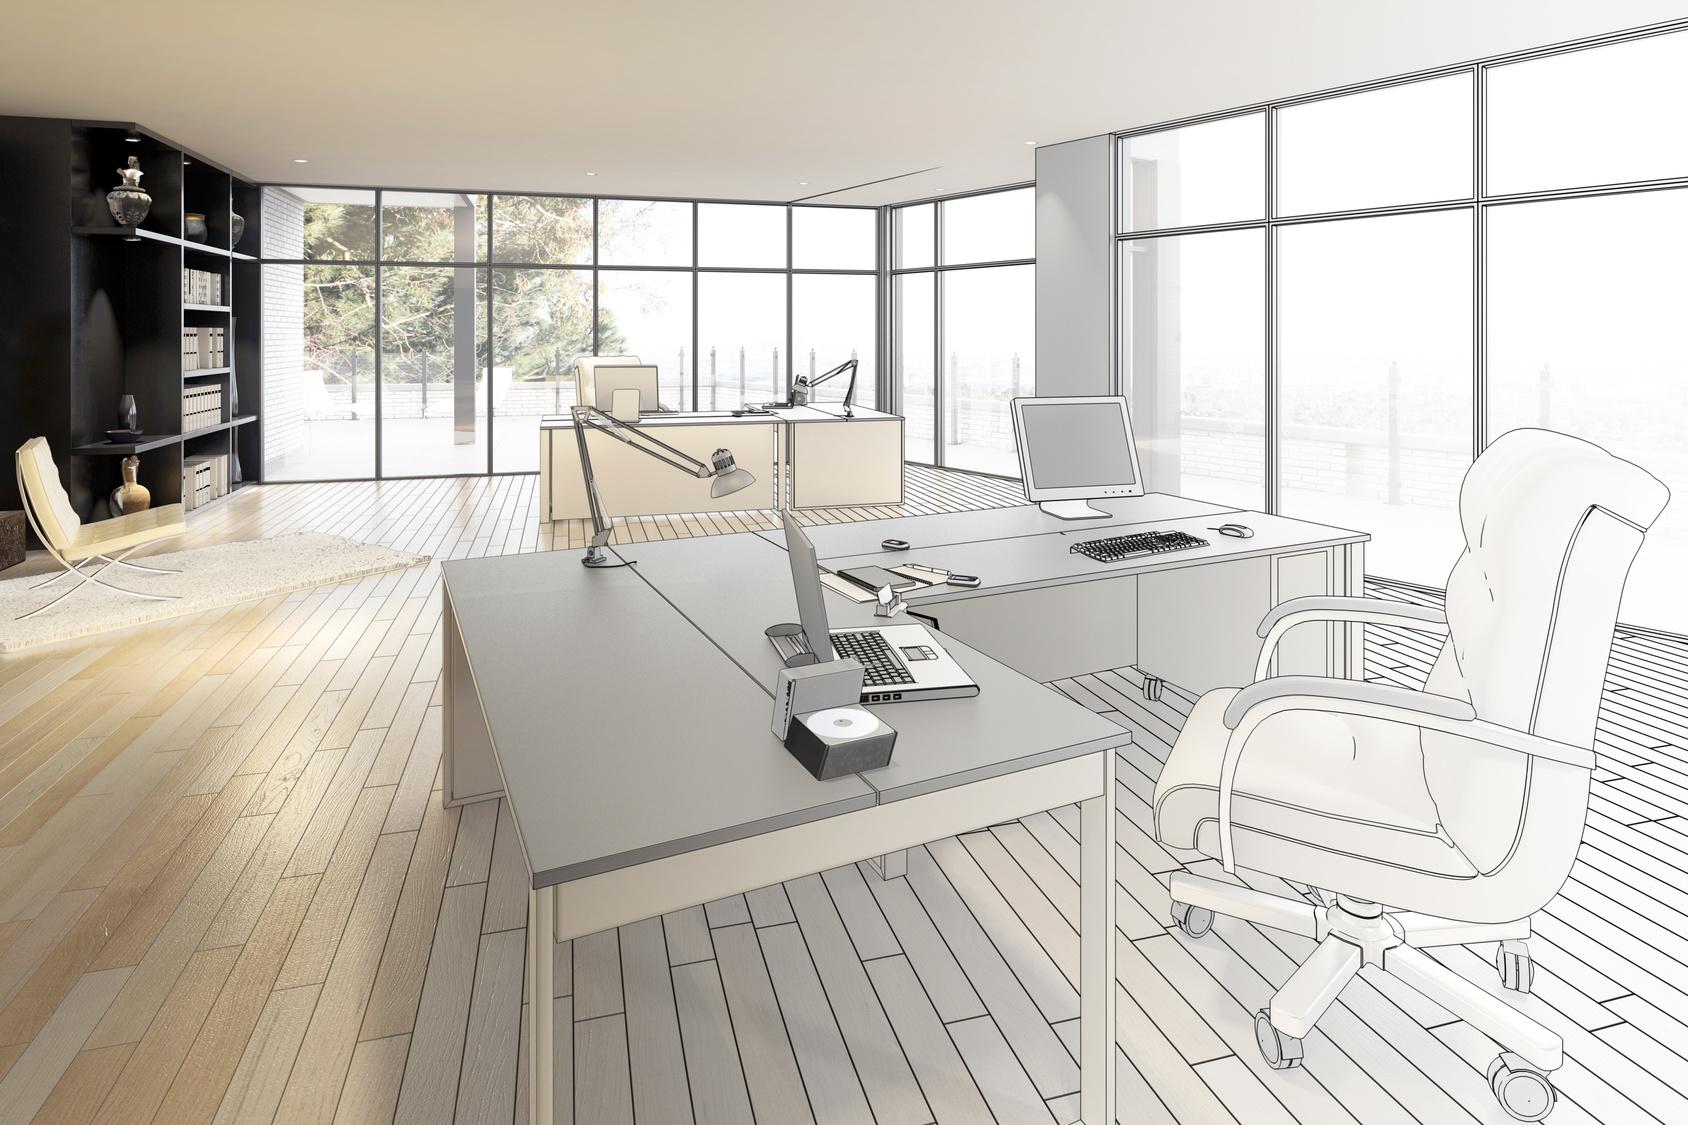 ankauf schreibtische besprechungs tische gebrauchte. Black Bedroom Furniture Sets. Home Design Ideas